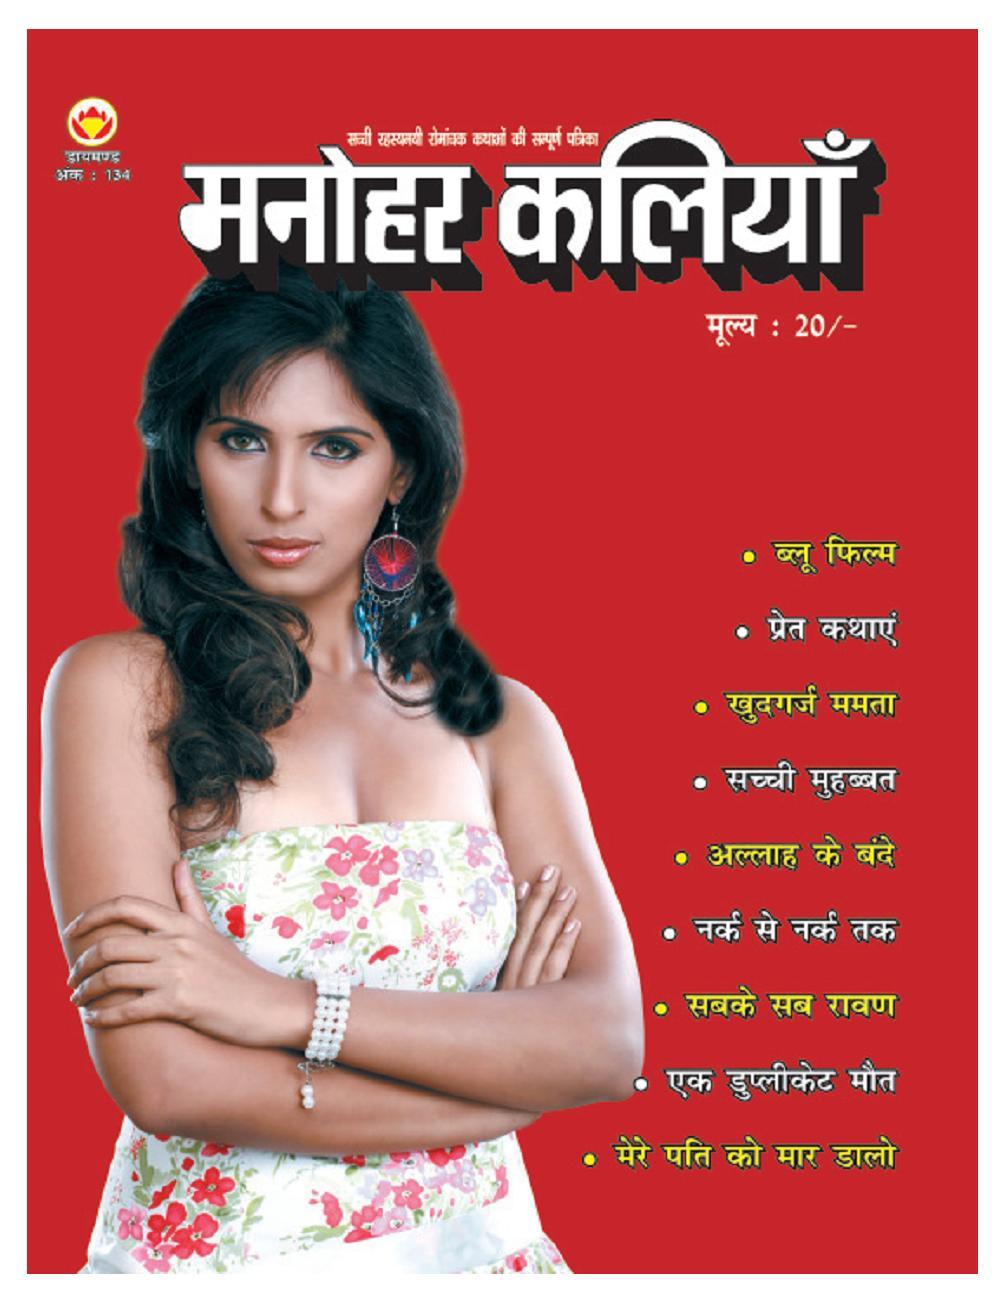 Mastram ki free kahaniya in hindi